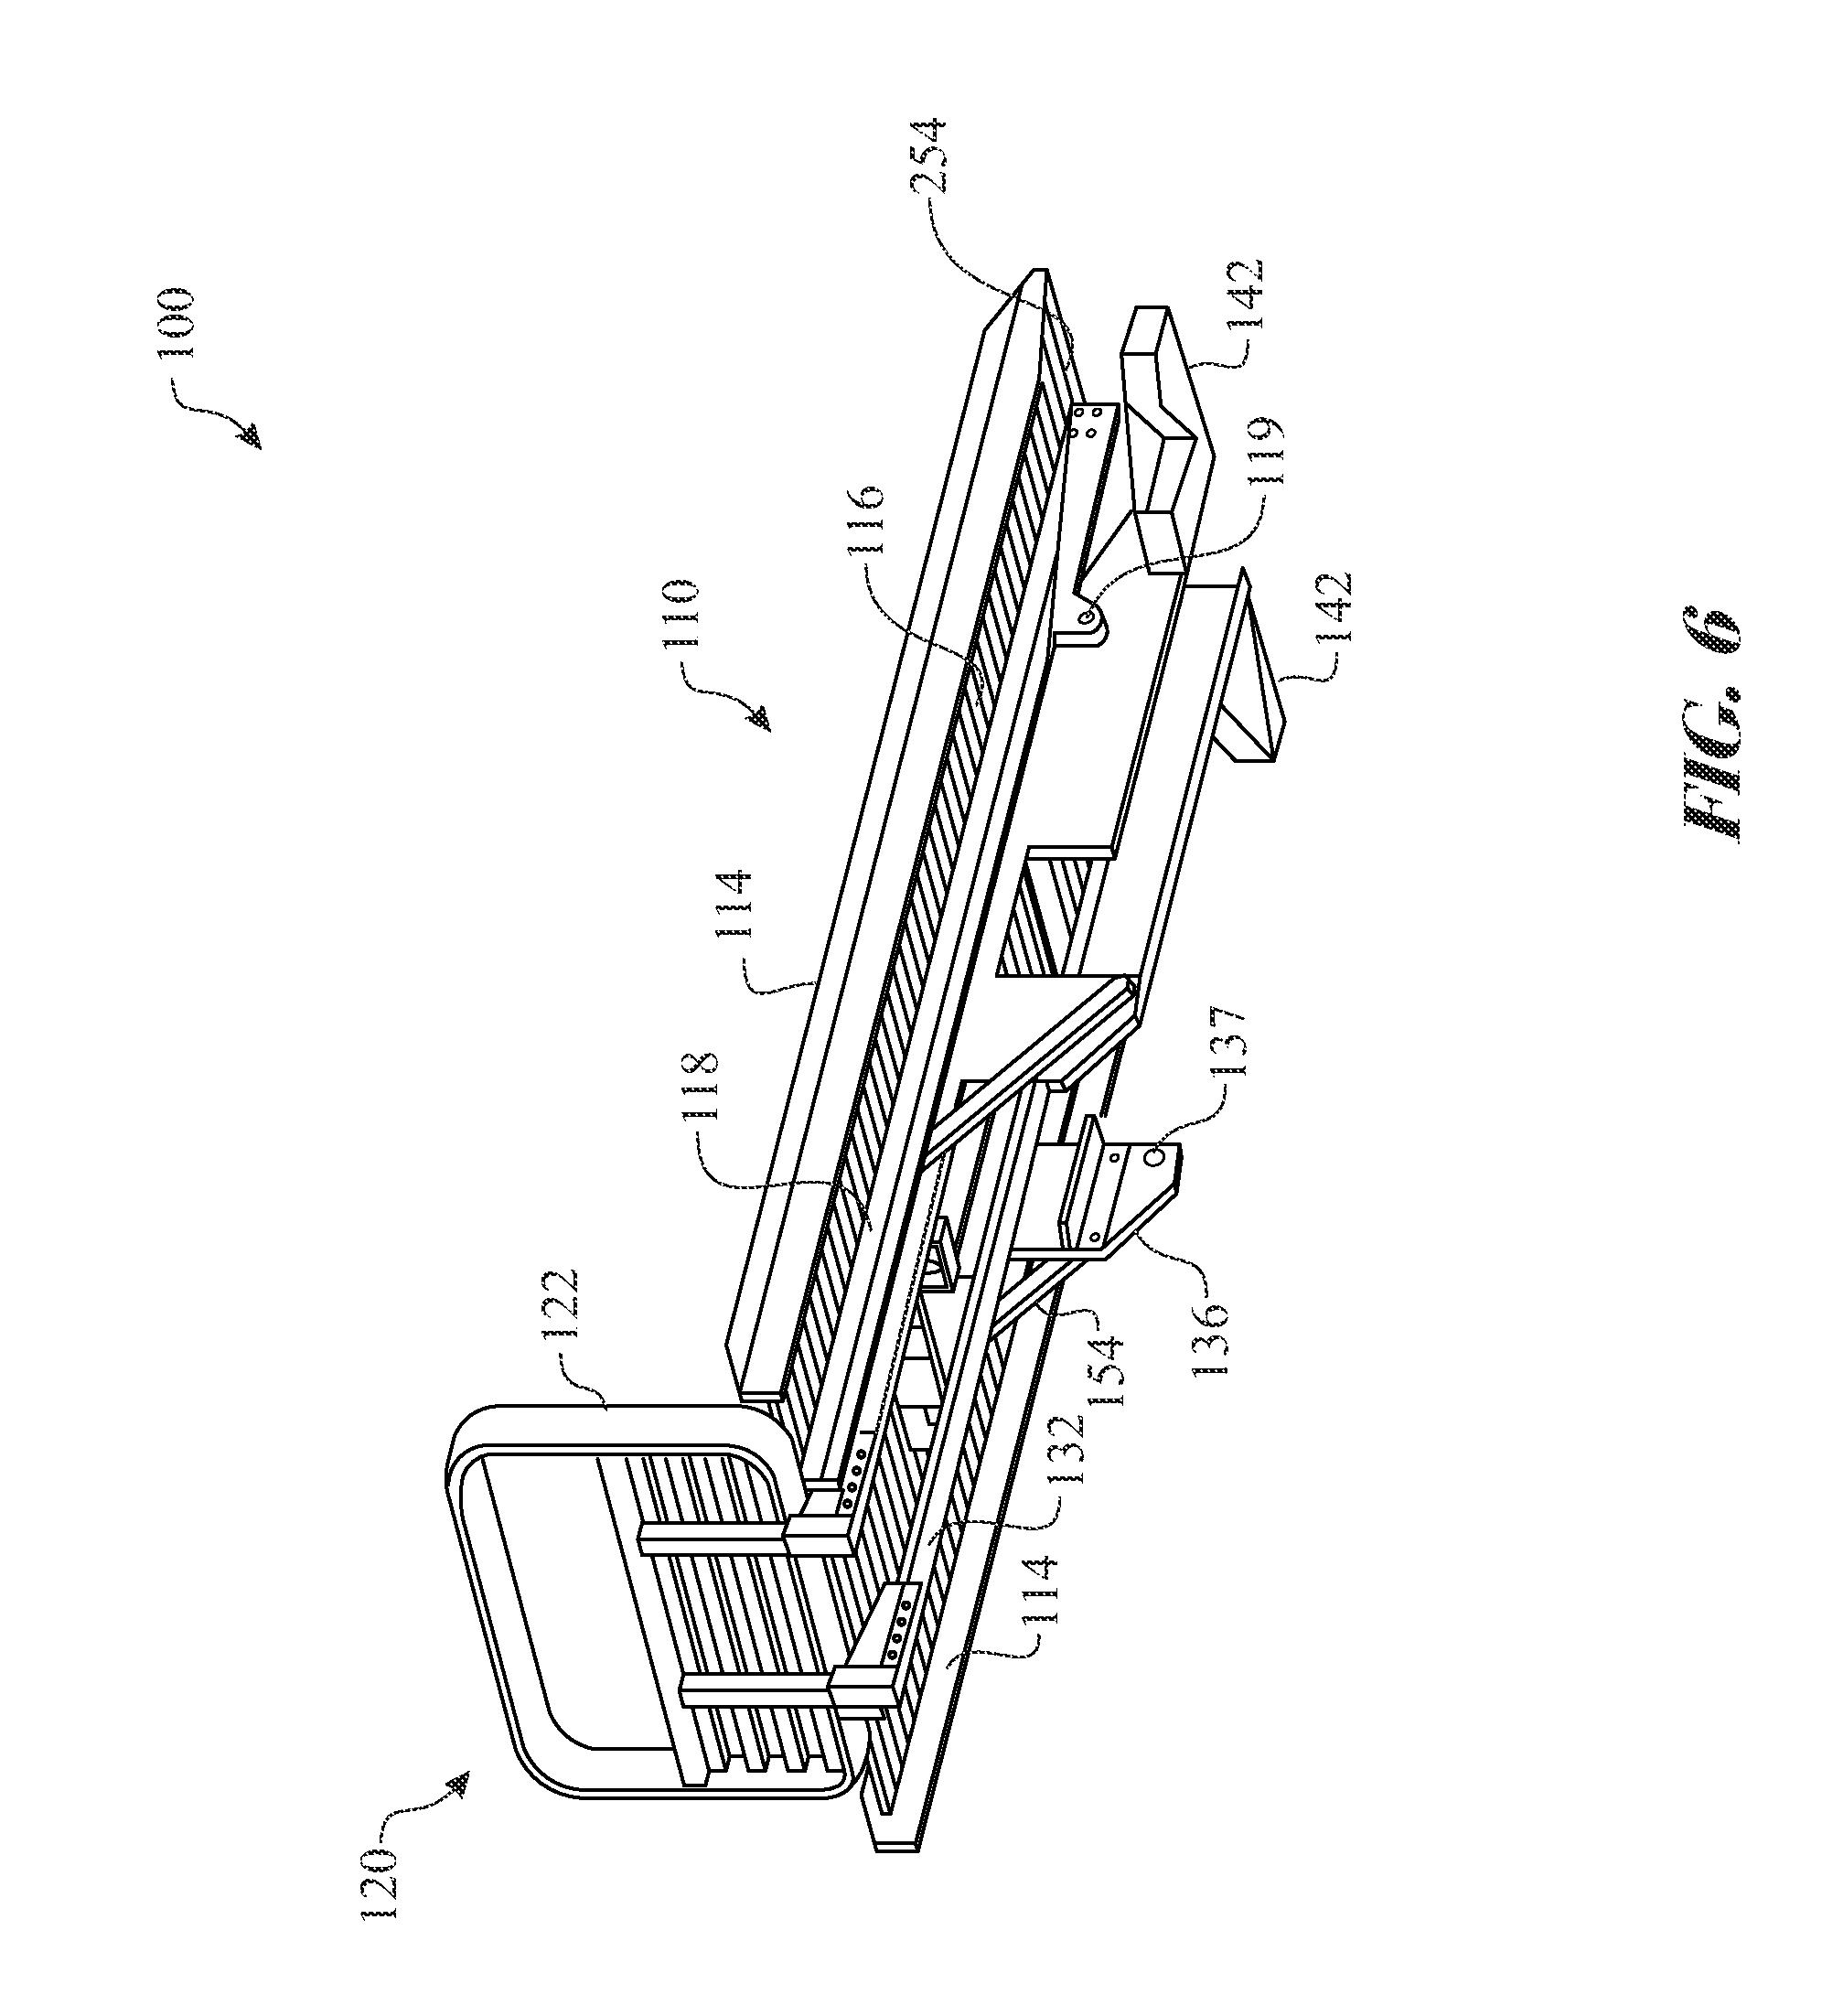 pulley diagram lexus is 250